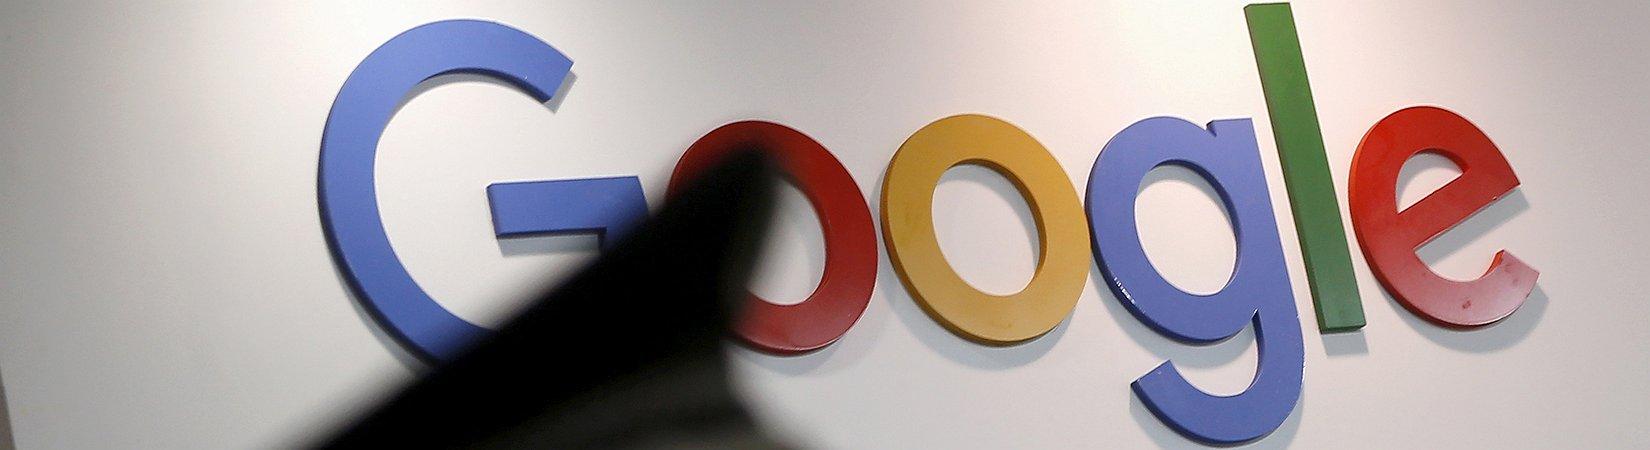 10 أسباب لشراء أسهم غوغل وعدم بيعها أبداً